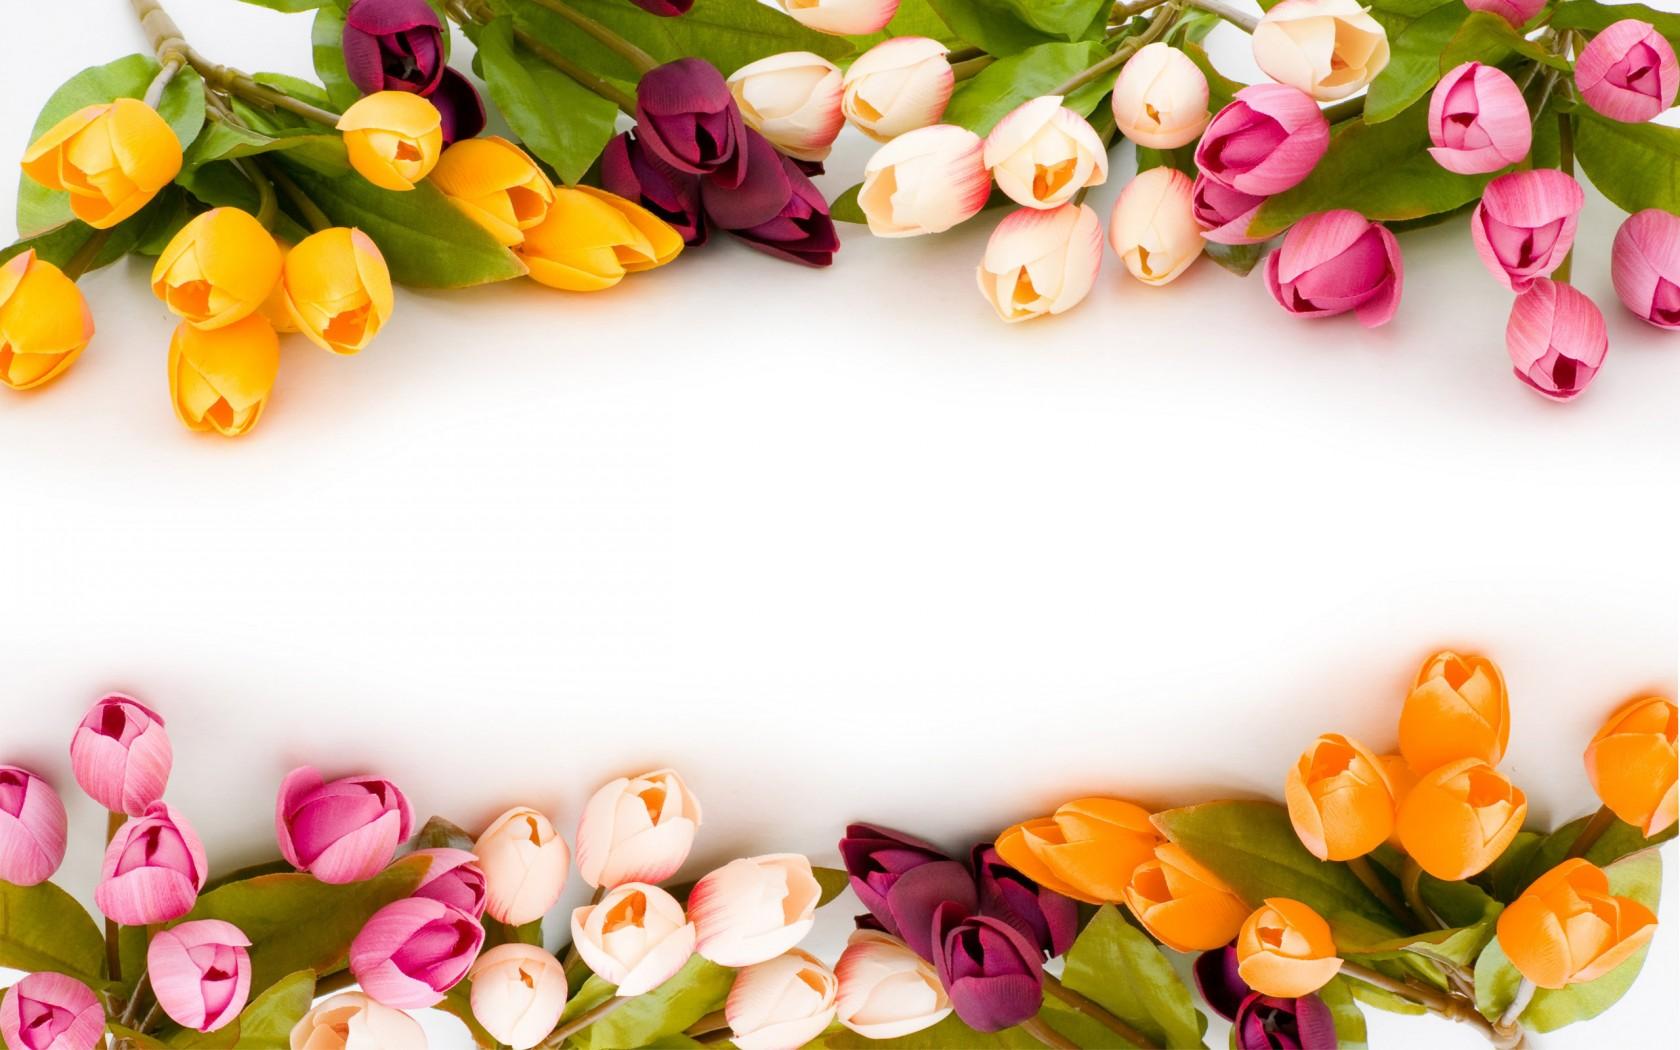 Природа пейзаж весна тюльпаны цветы